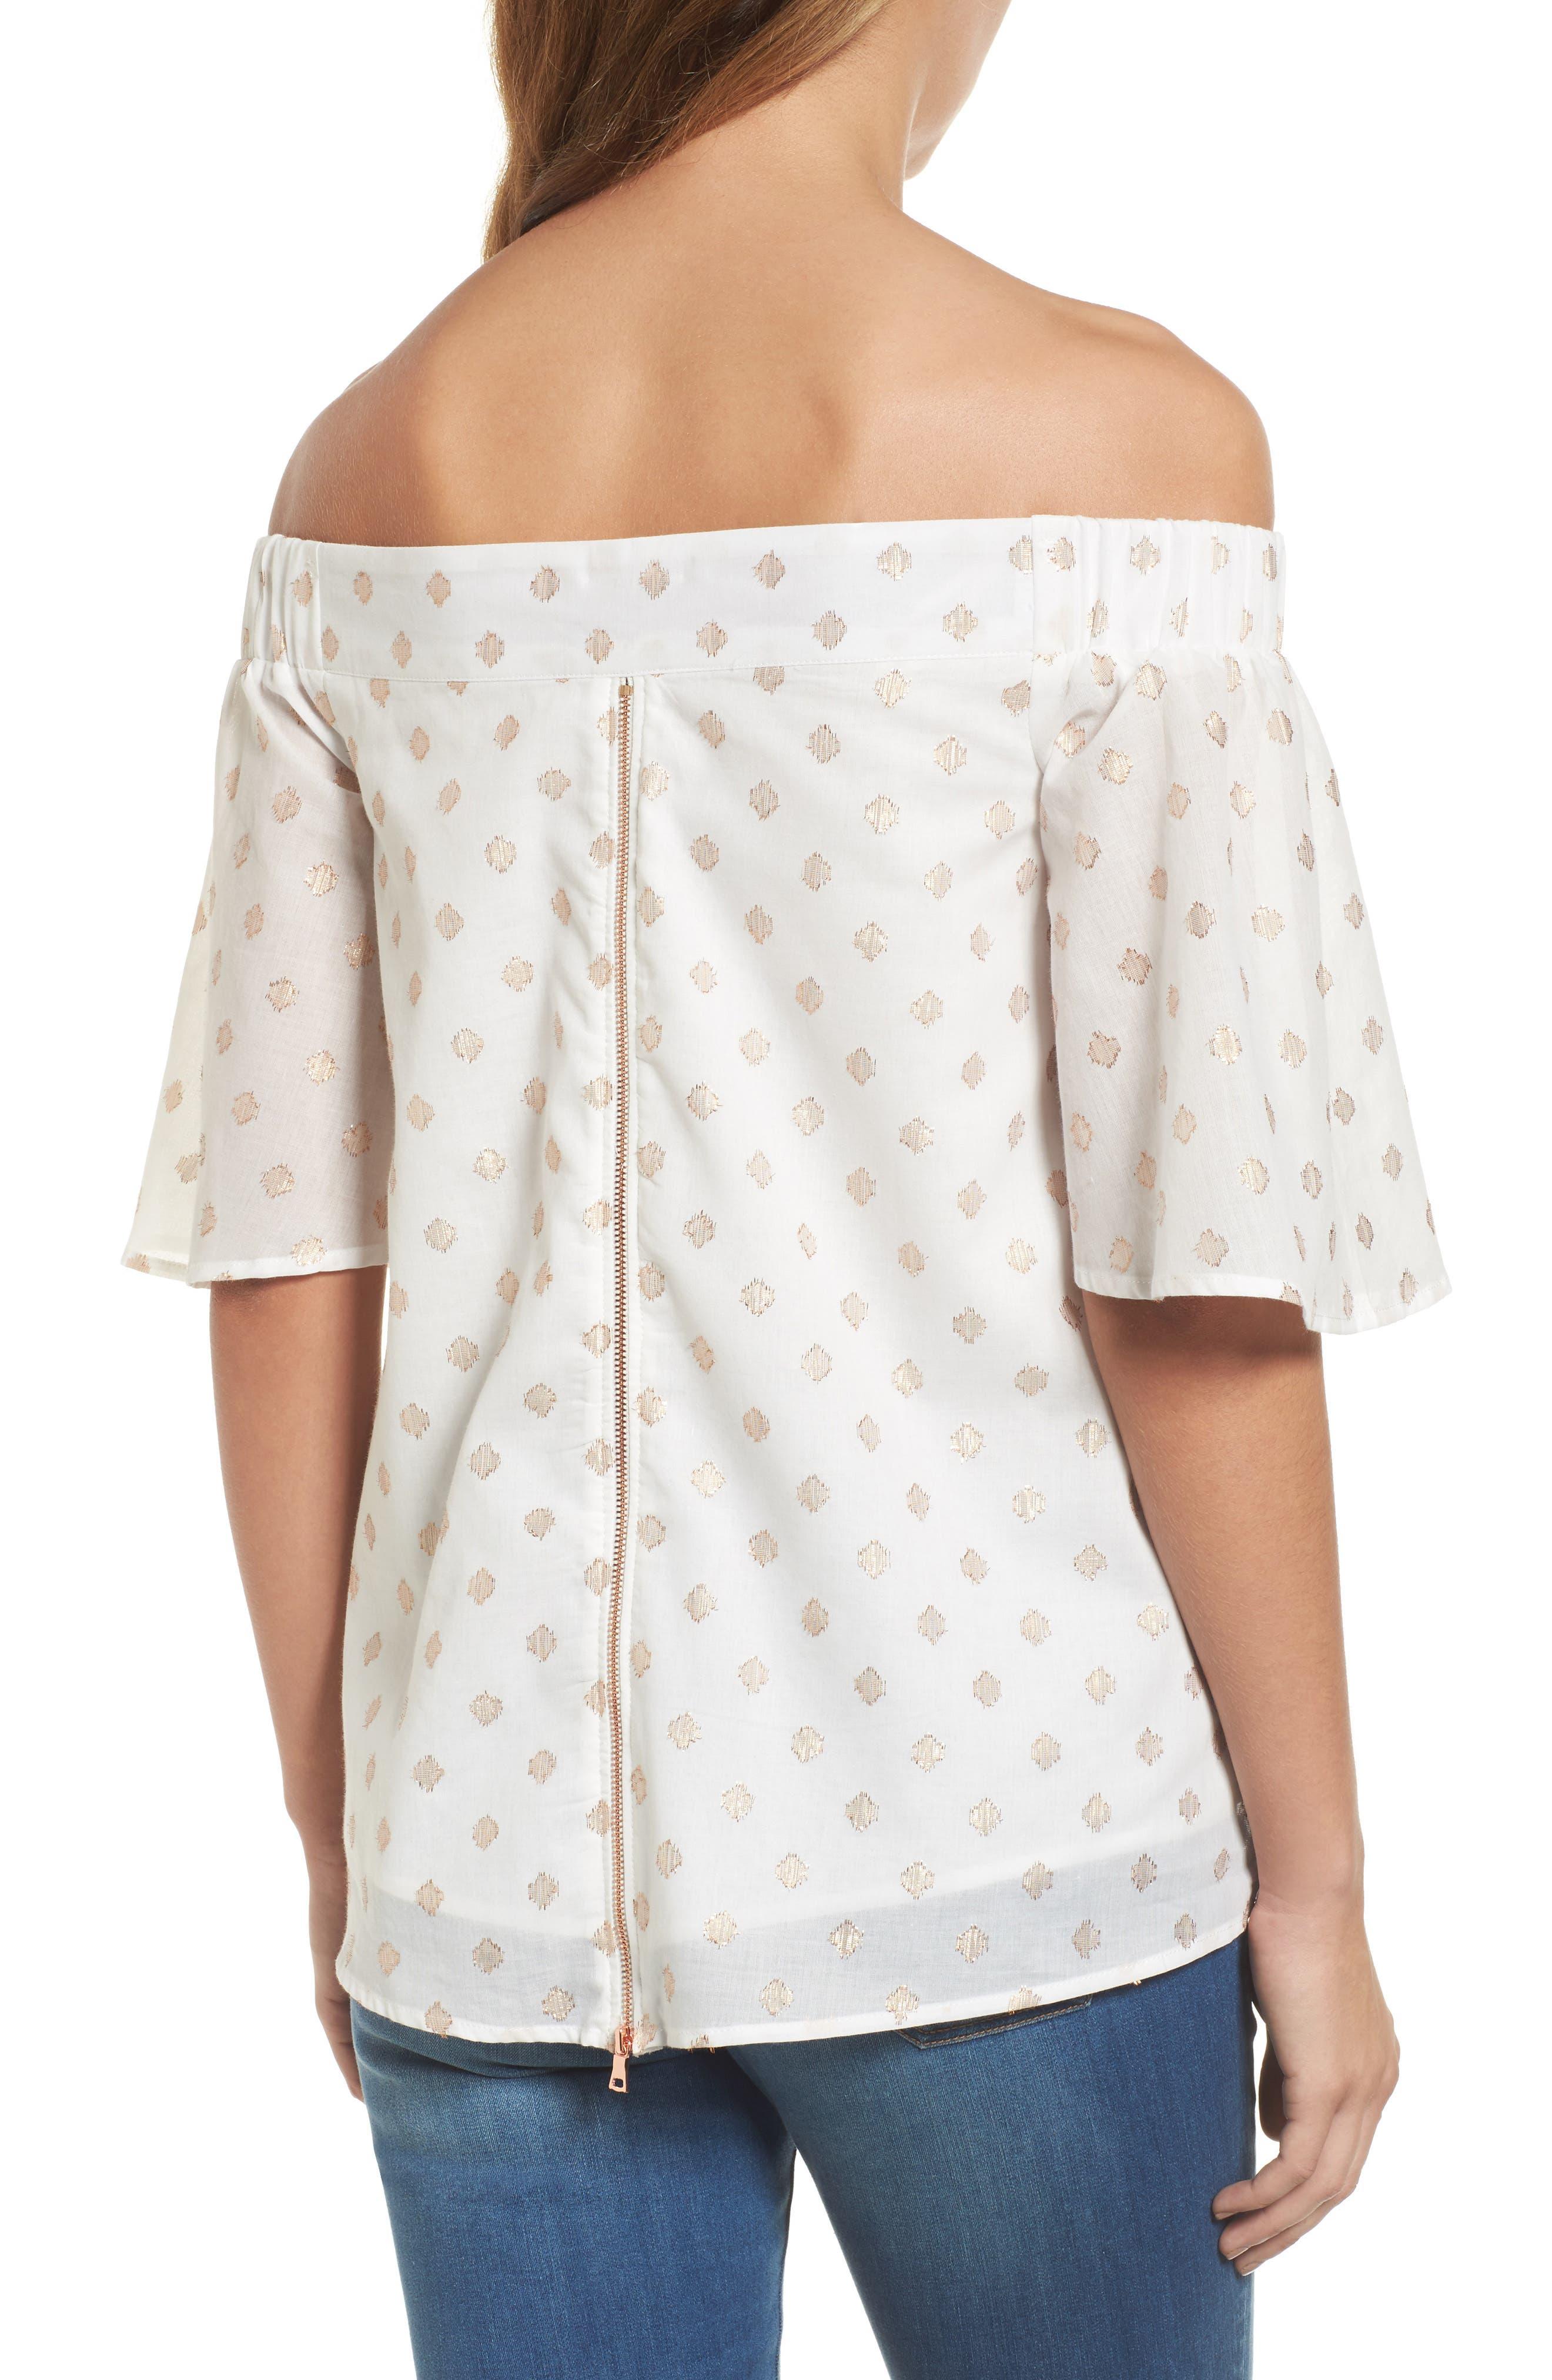 Alternate Image 2  - Wit & Wisdom Zip Detail Embellished Off the Shoulder Top (Nordstrom Exclusive)